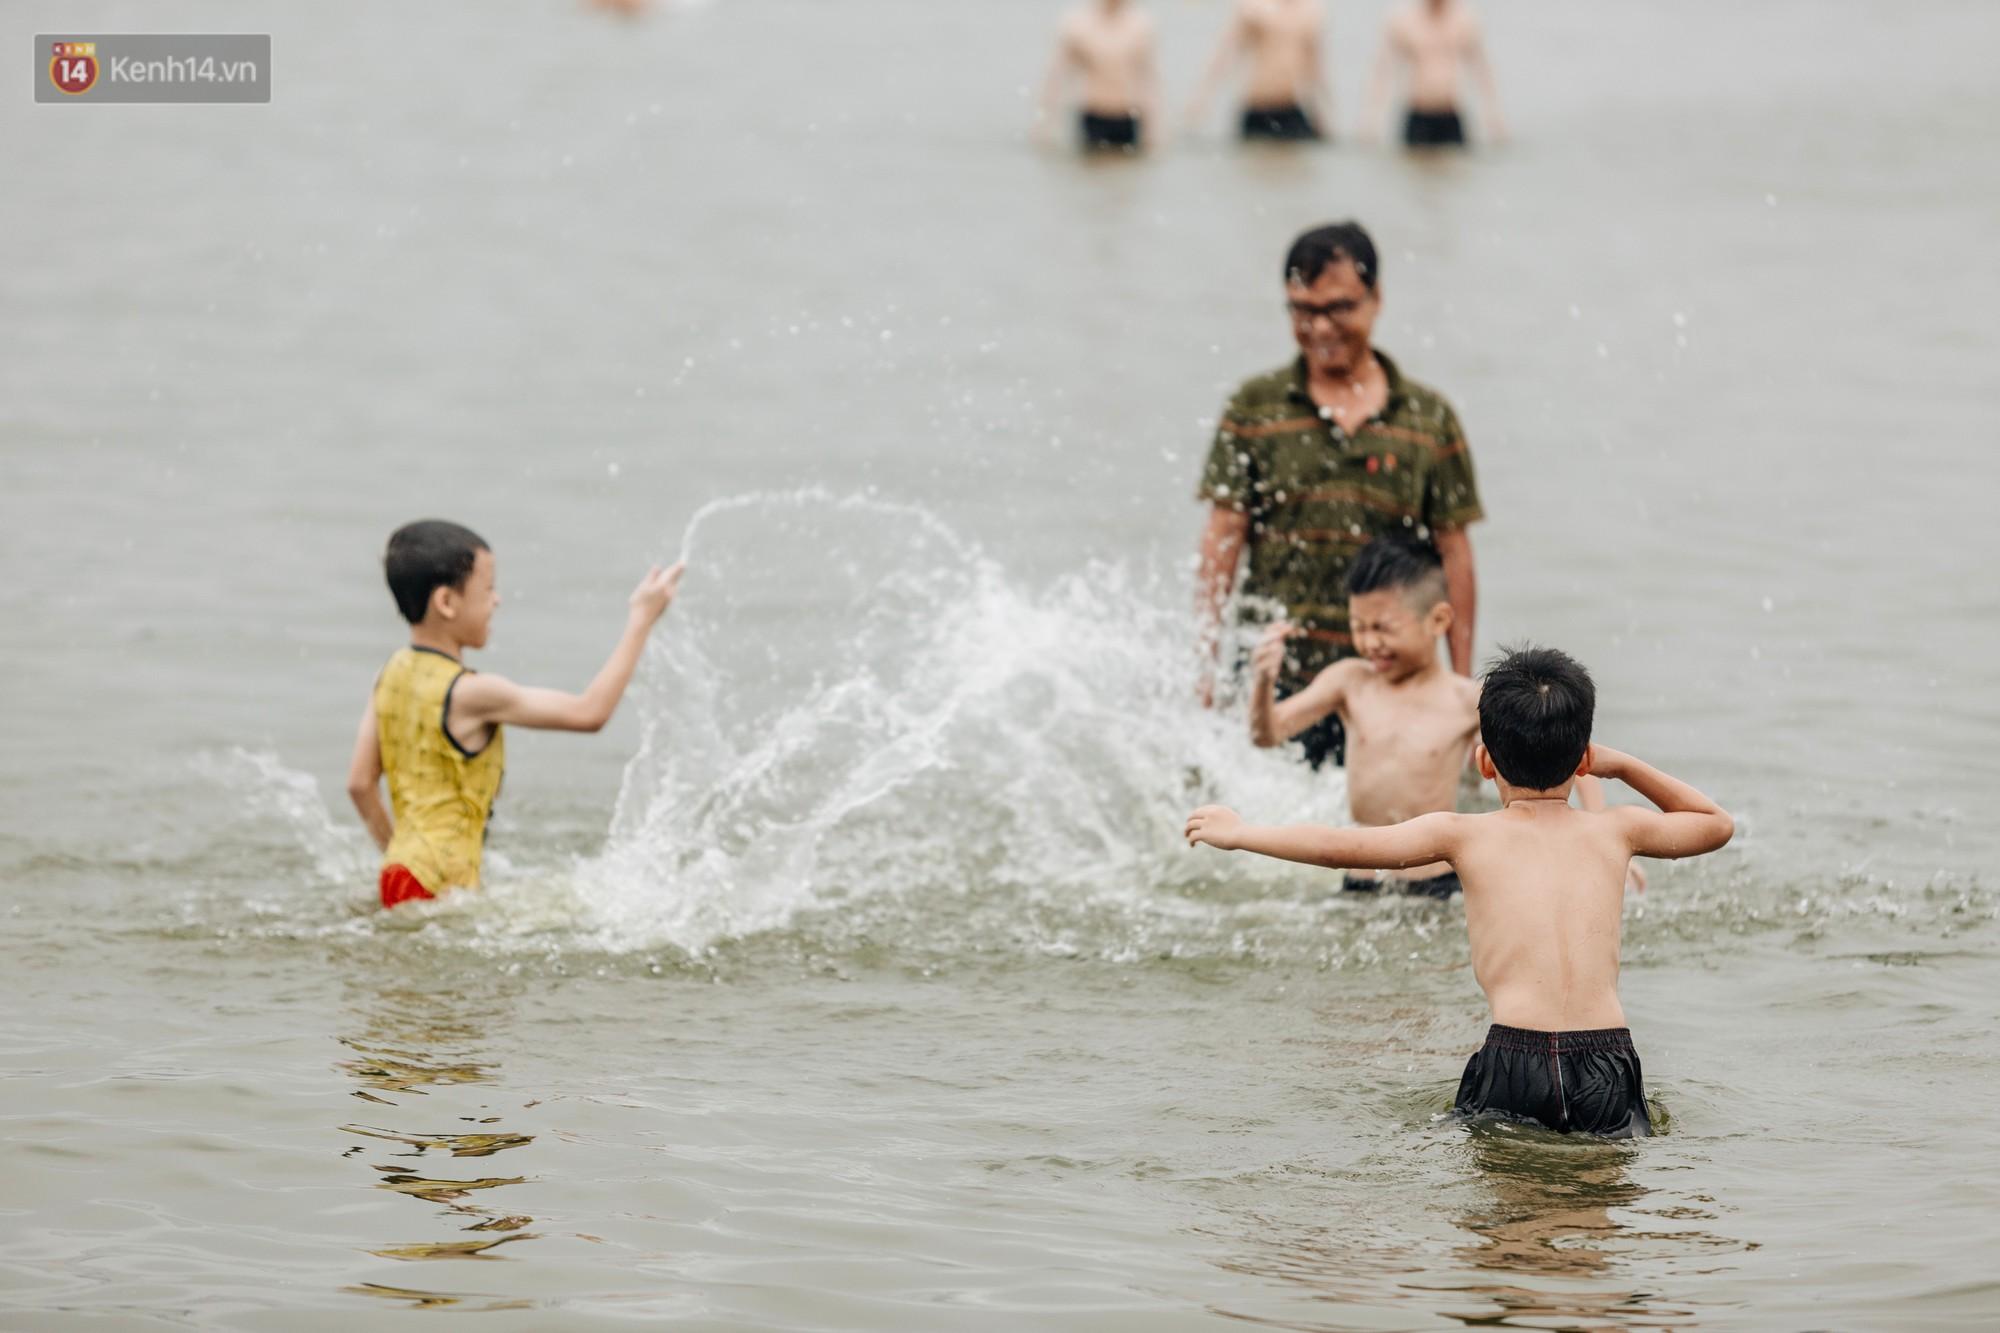 Hà Nội oi nóng ngộp thở, nhiều người mang theo cả thú cưng ra Hồ Tây tắm bất chấp biển cấm - 9